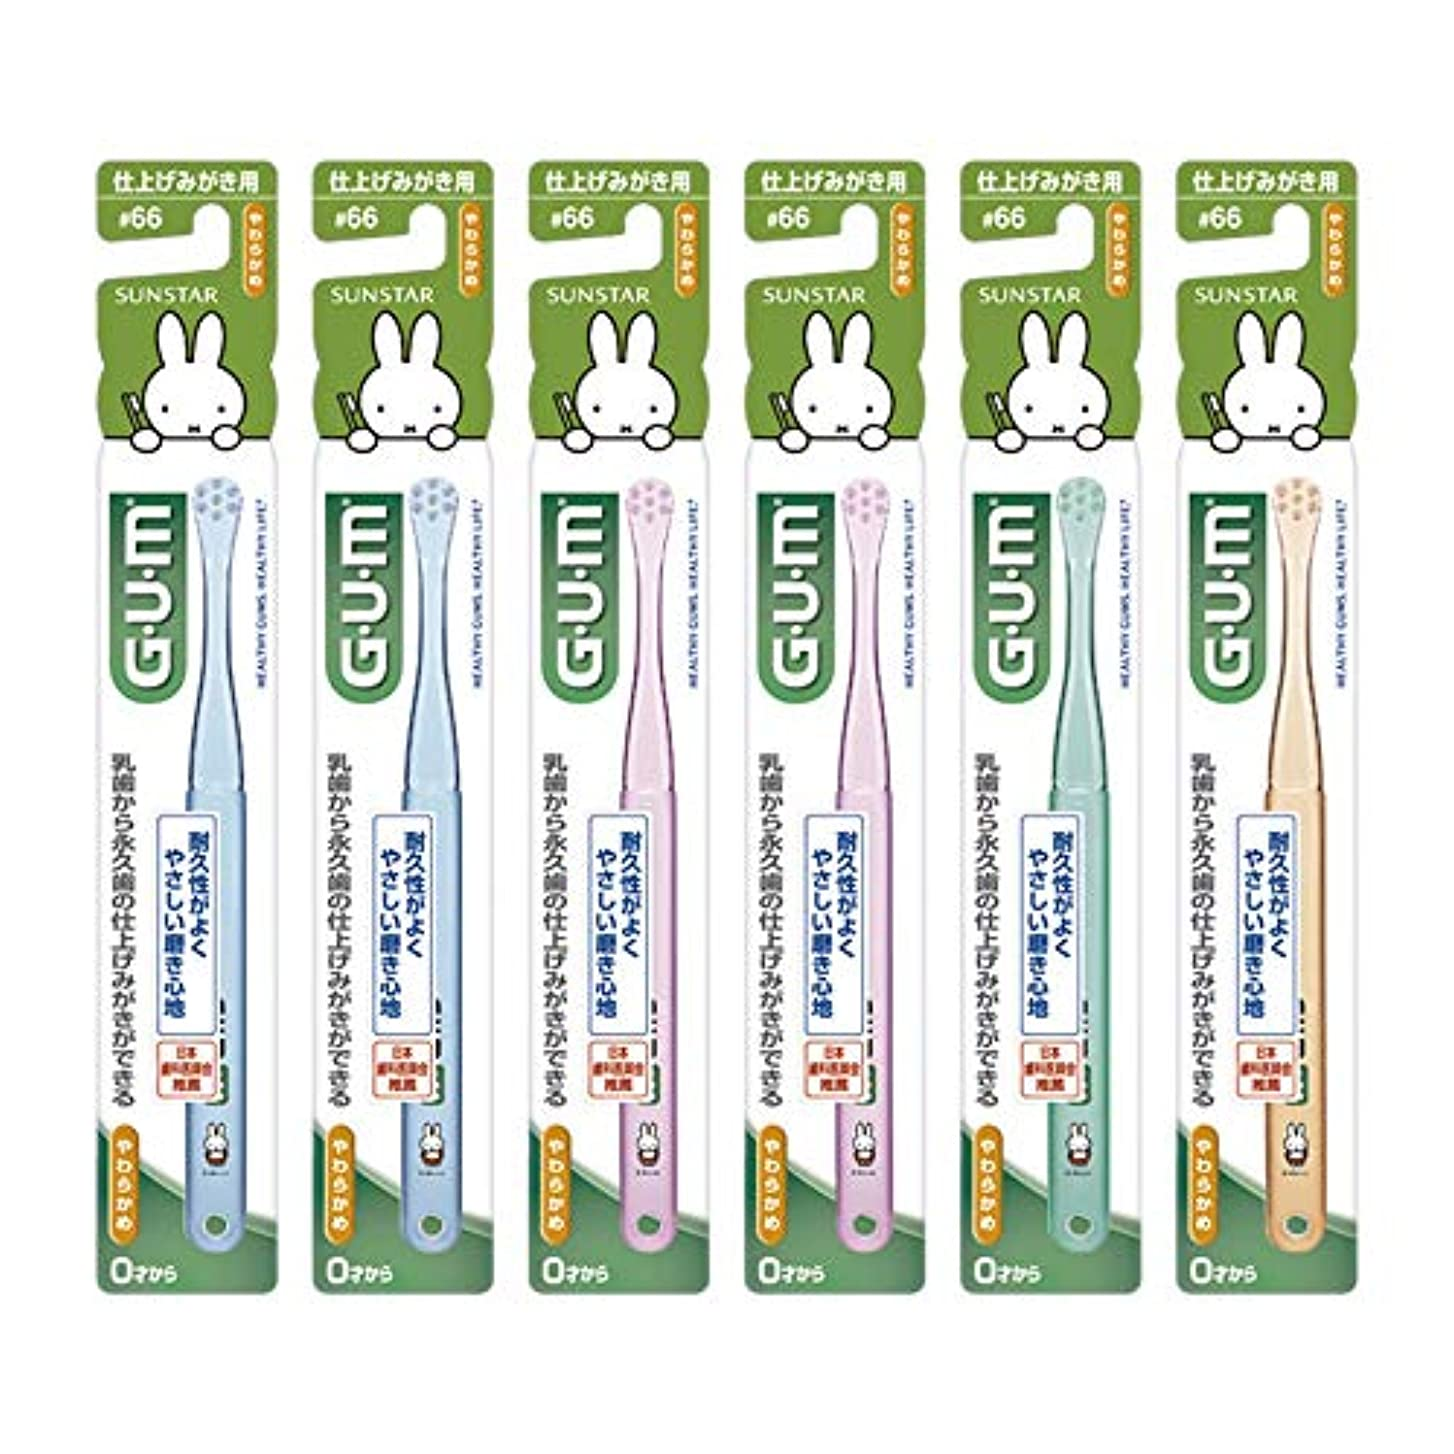 上流の権限を与える連結するGUM(ガム) デンタル こども 歯ブラシ #66 [仕上げみがき用/やわらかめ] 6本パック+ おまけつき【Amazon.co.jp限定】